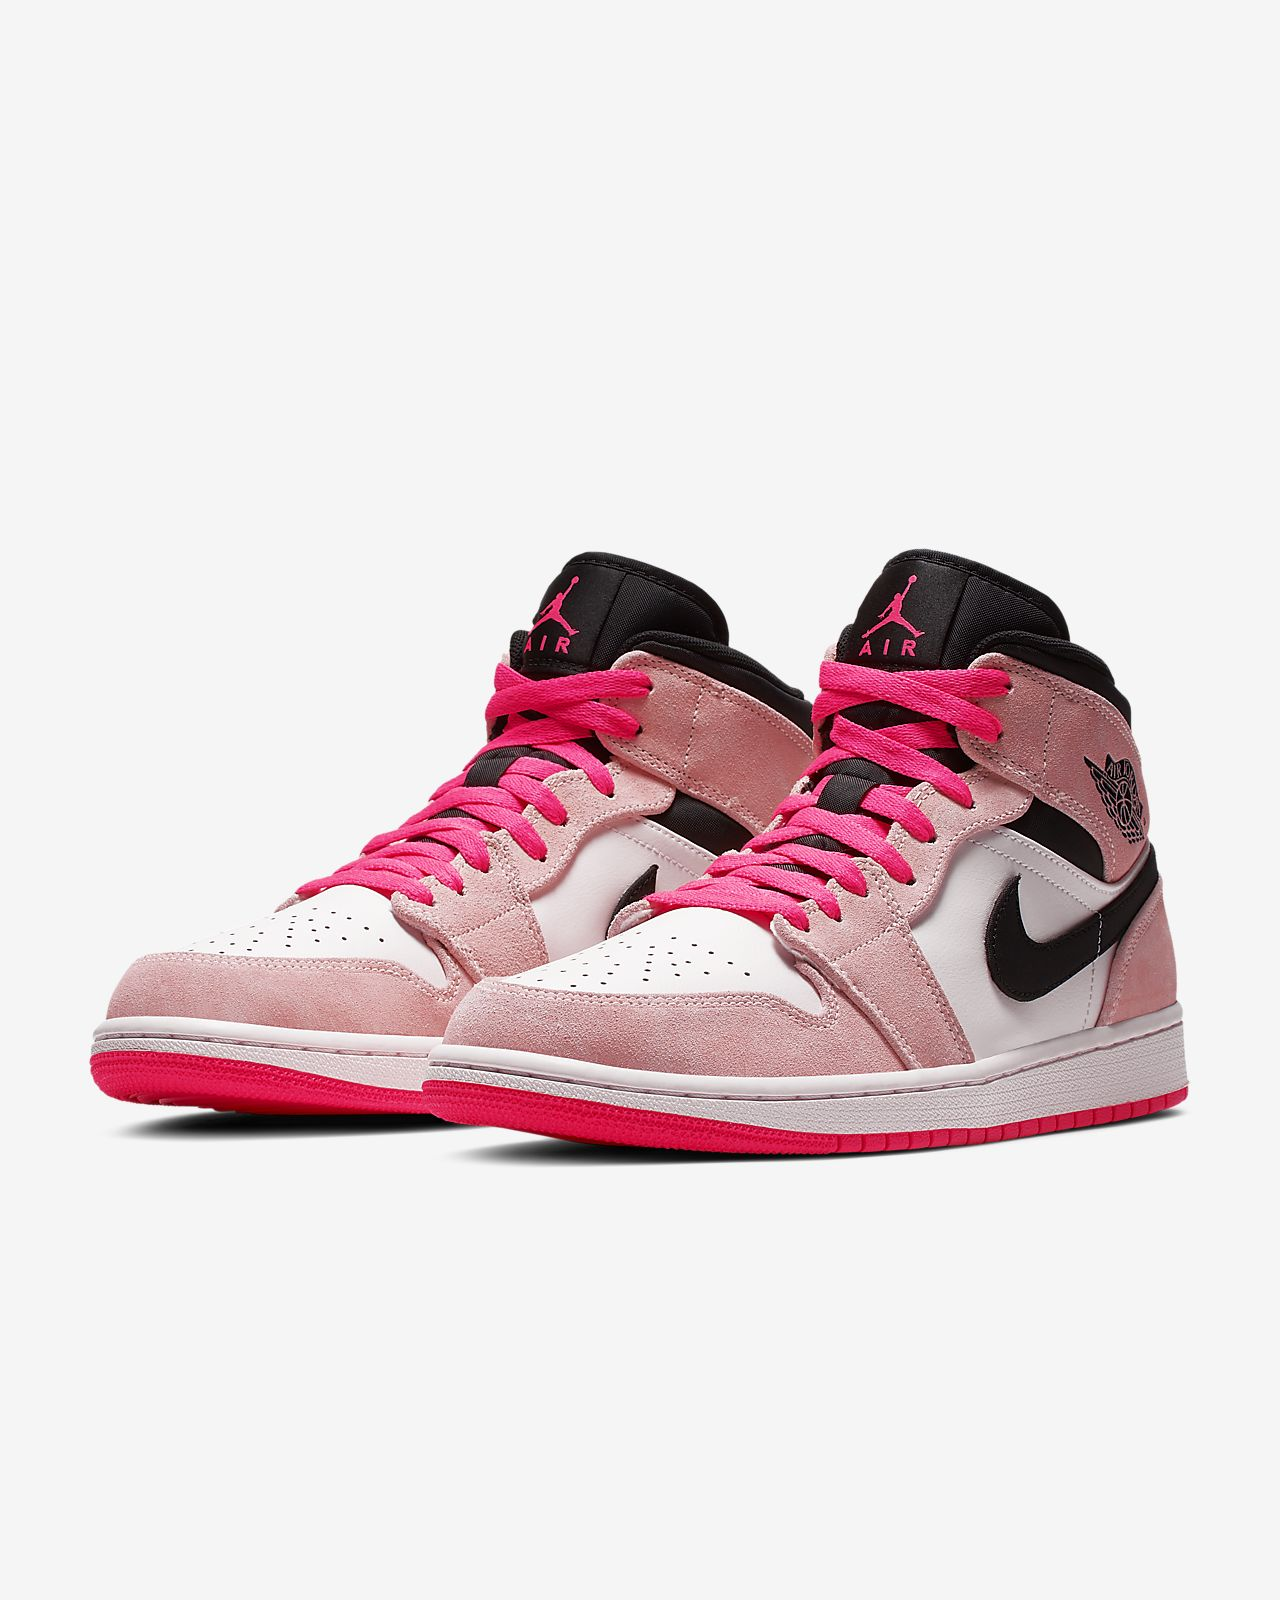 f34342e1 Air Jordan 1 Mid SE Men's Shoe. Nike.com